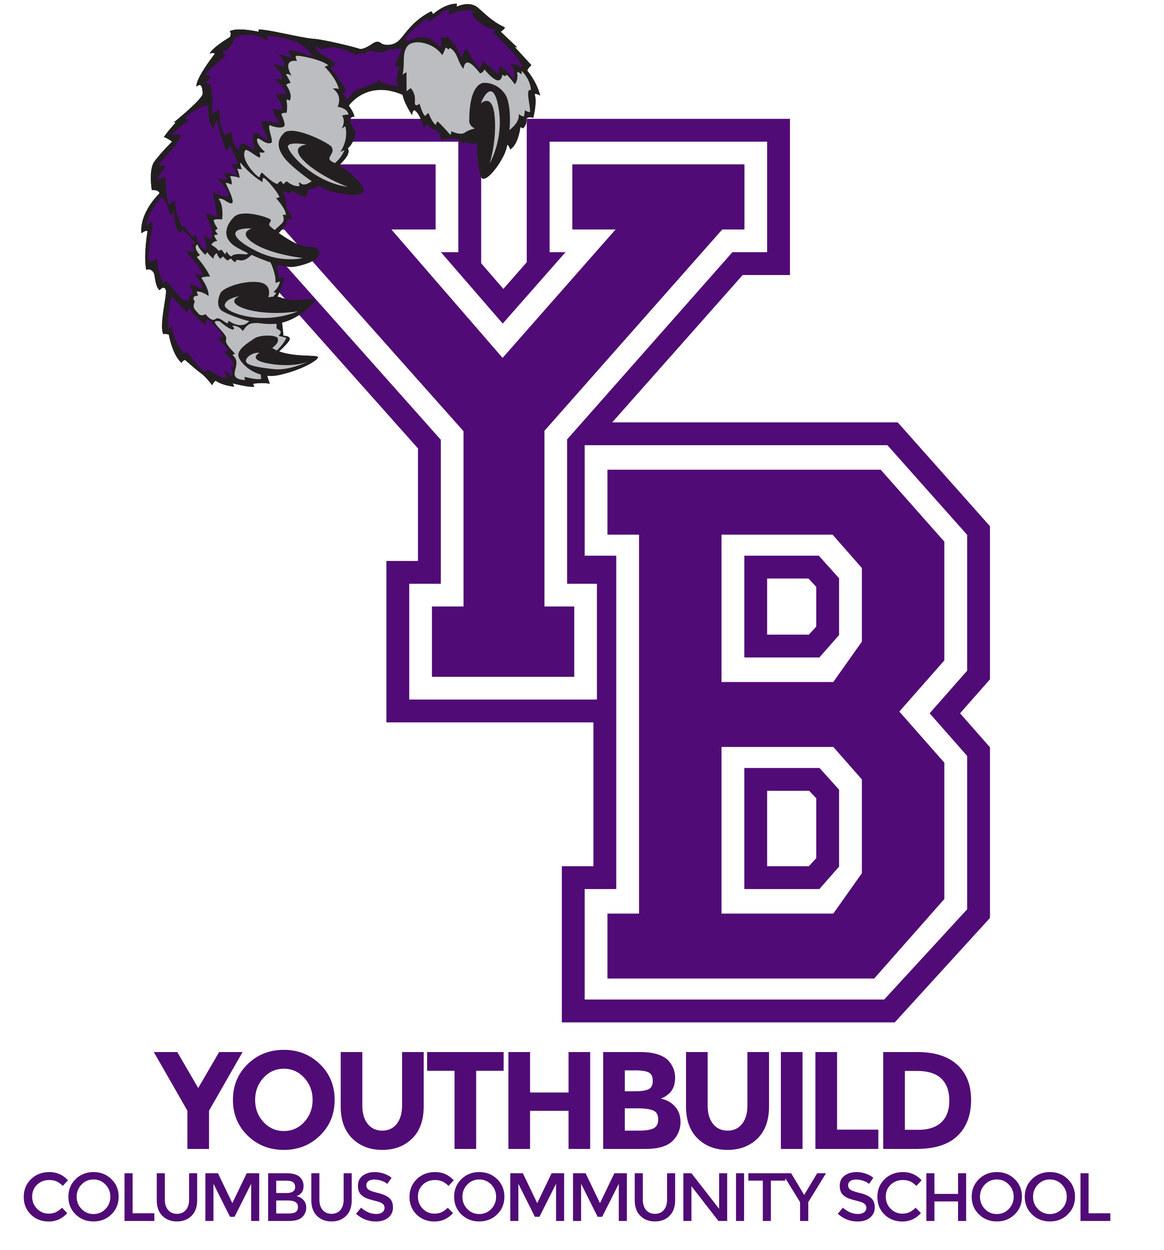 YOUTHBUILD COLUMBUS LOGO